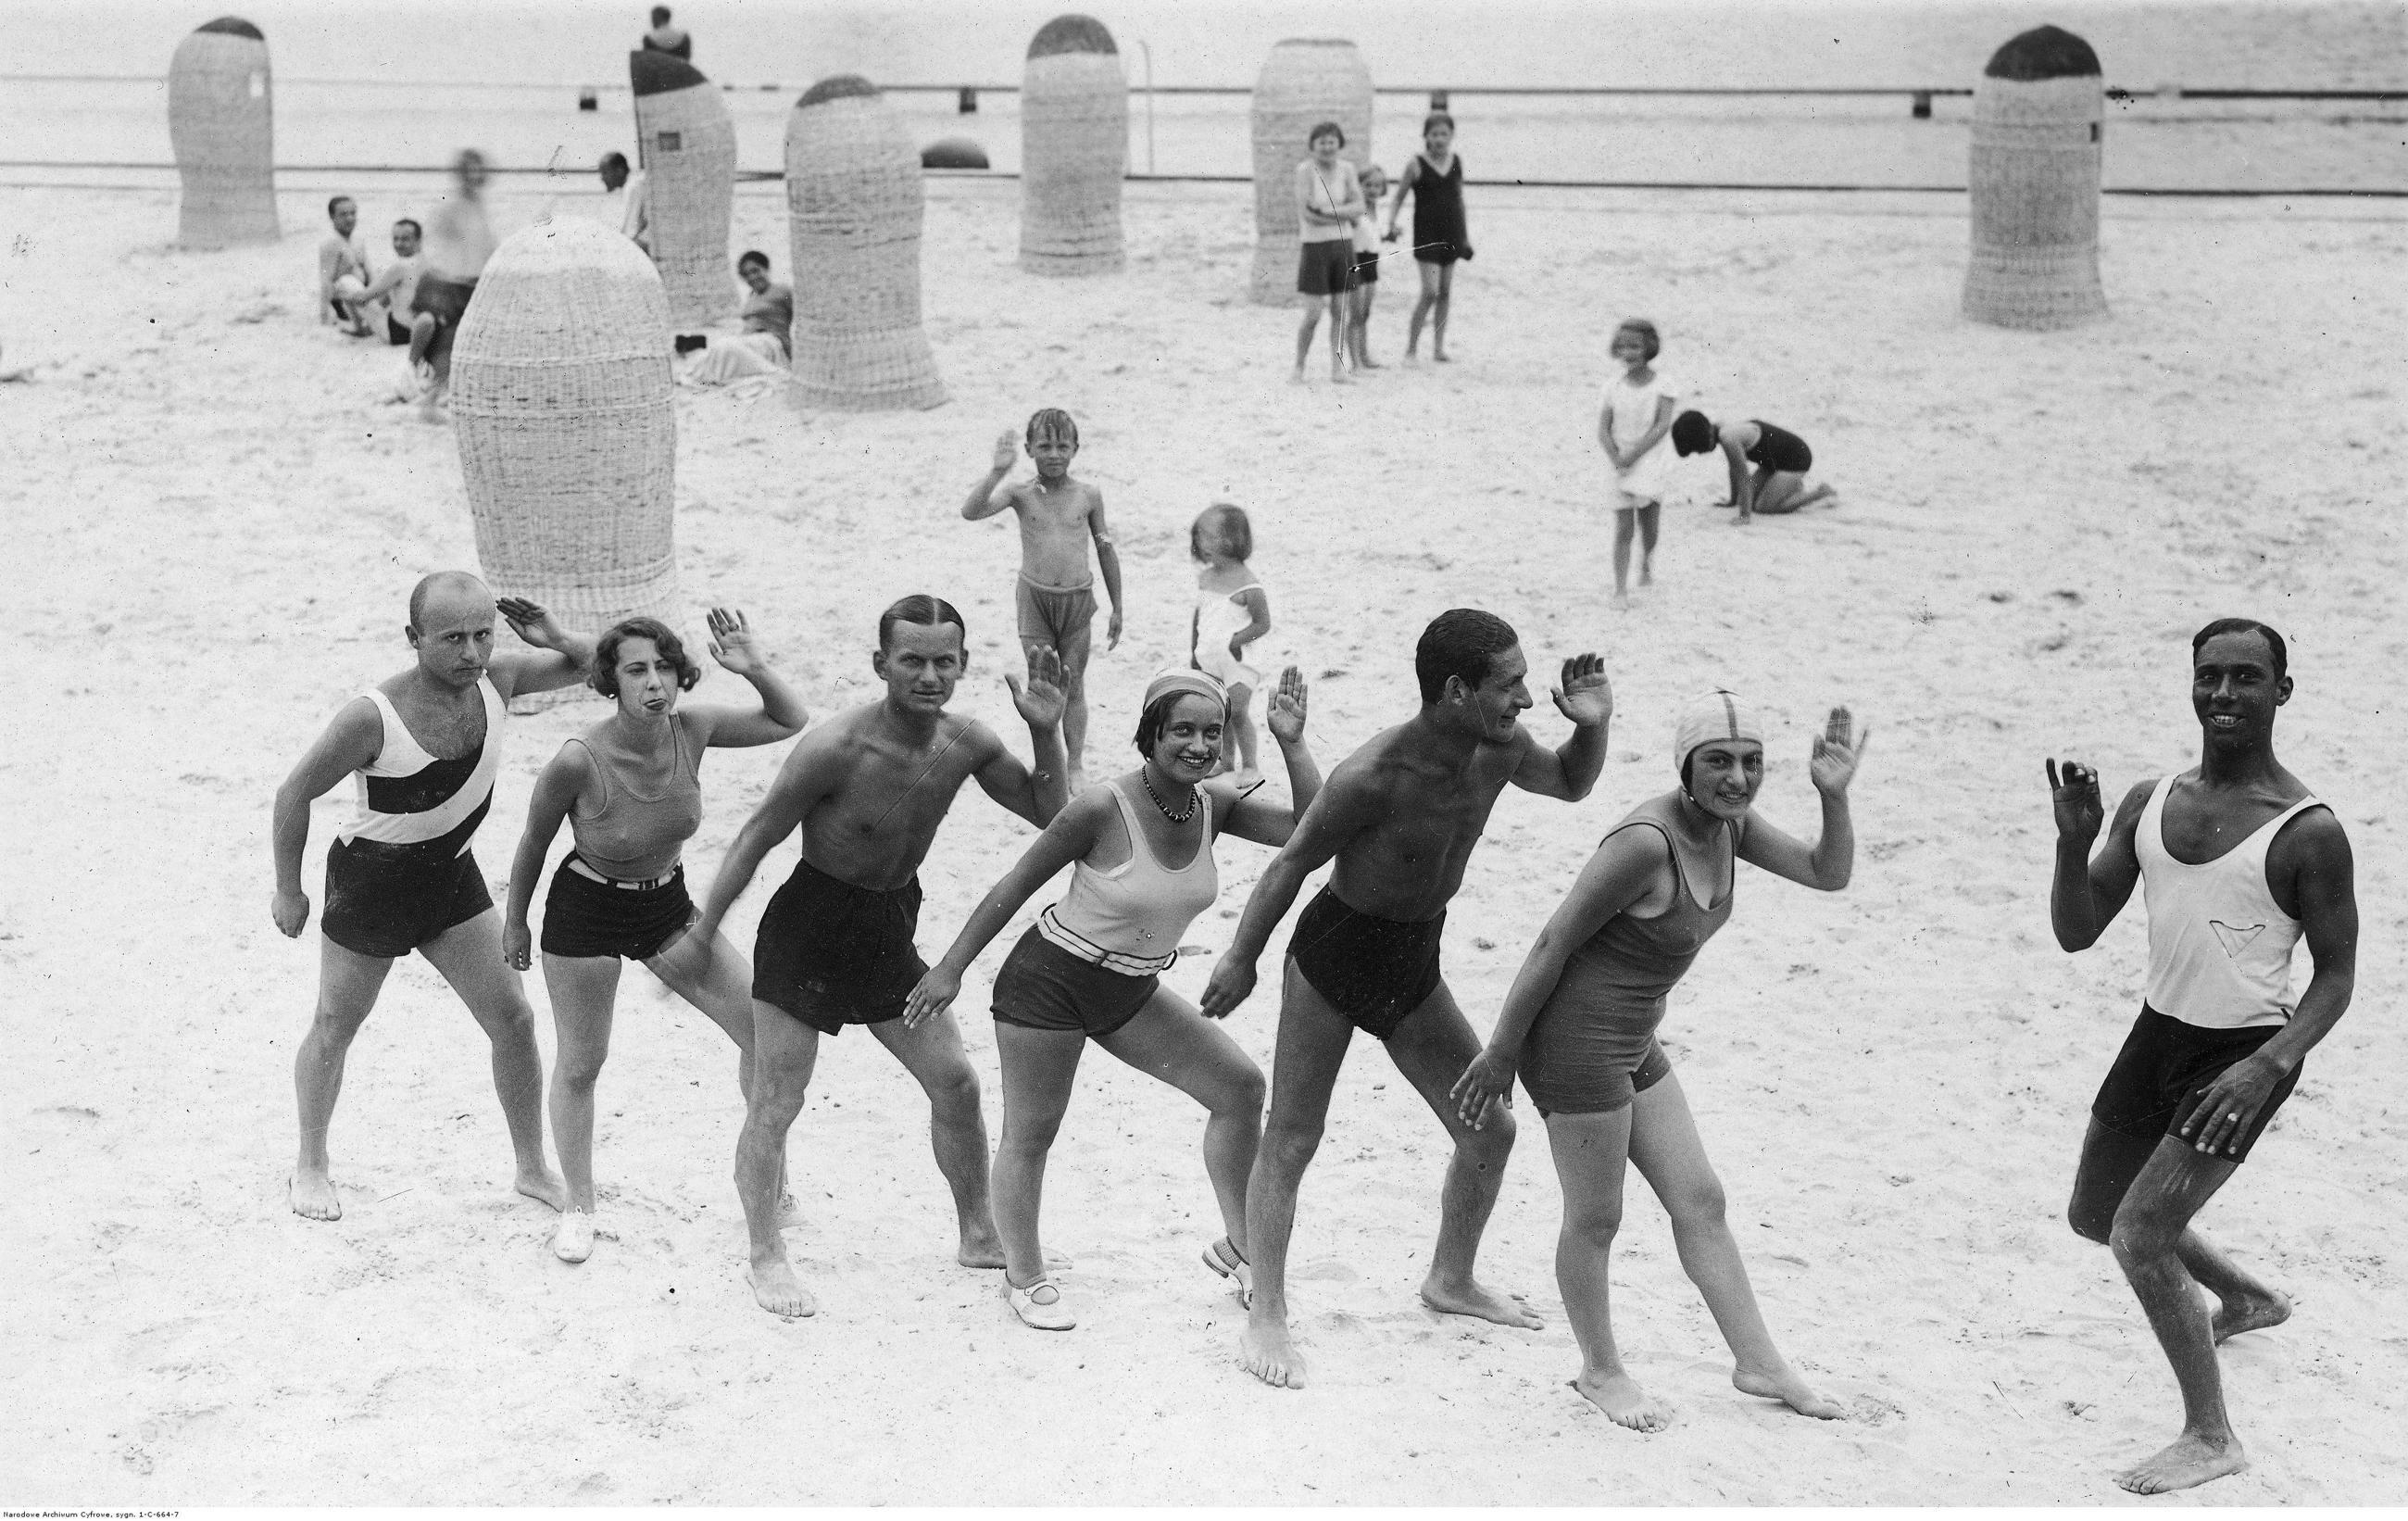 Kąpielisko siarczano-solankowe Truskawiec-Pomiarki, 1930 r. Kuracjusze podczas lekcji tańca na plaży w Truskawcu na Kresach.